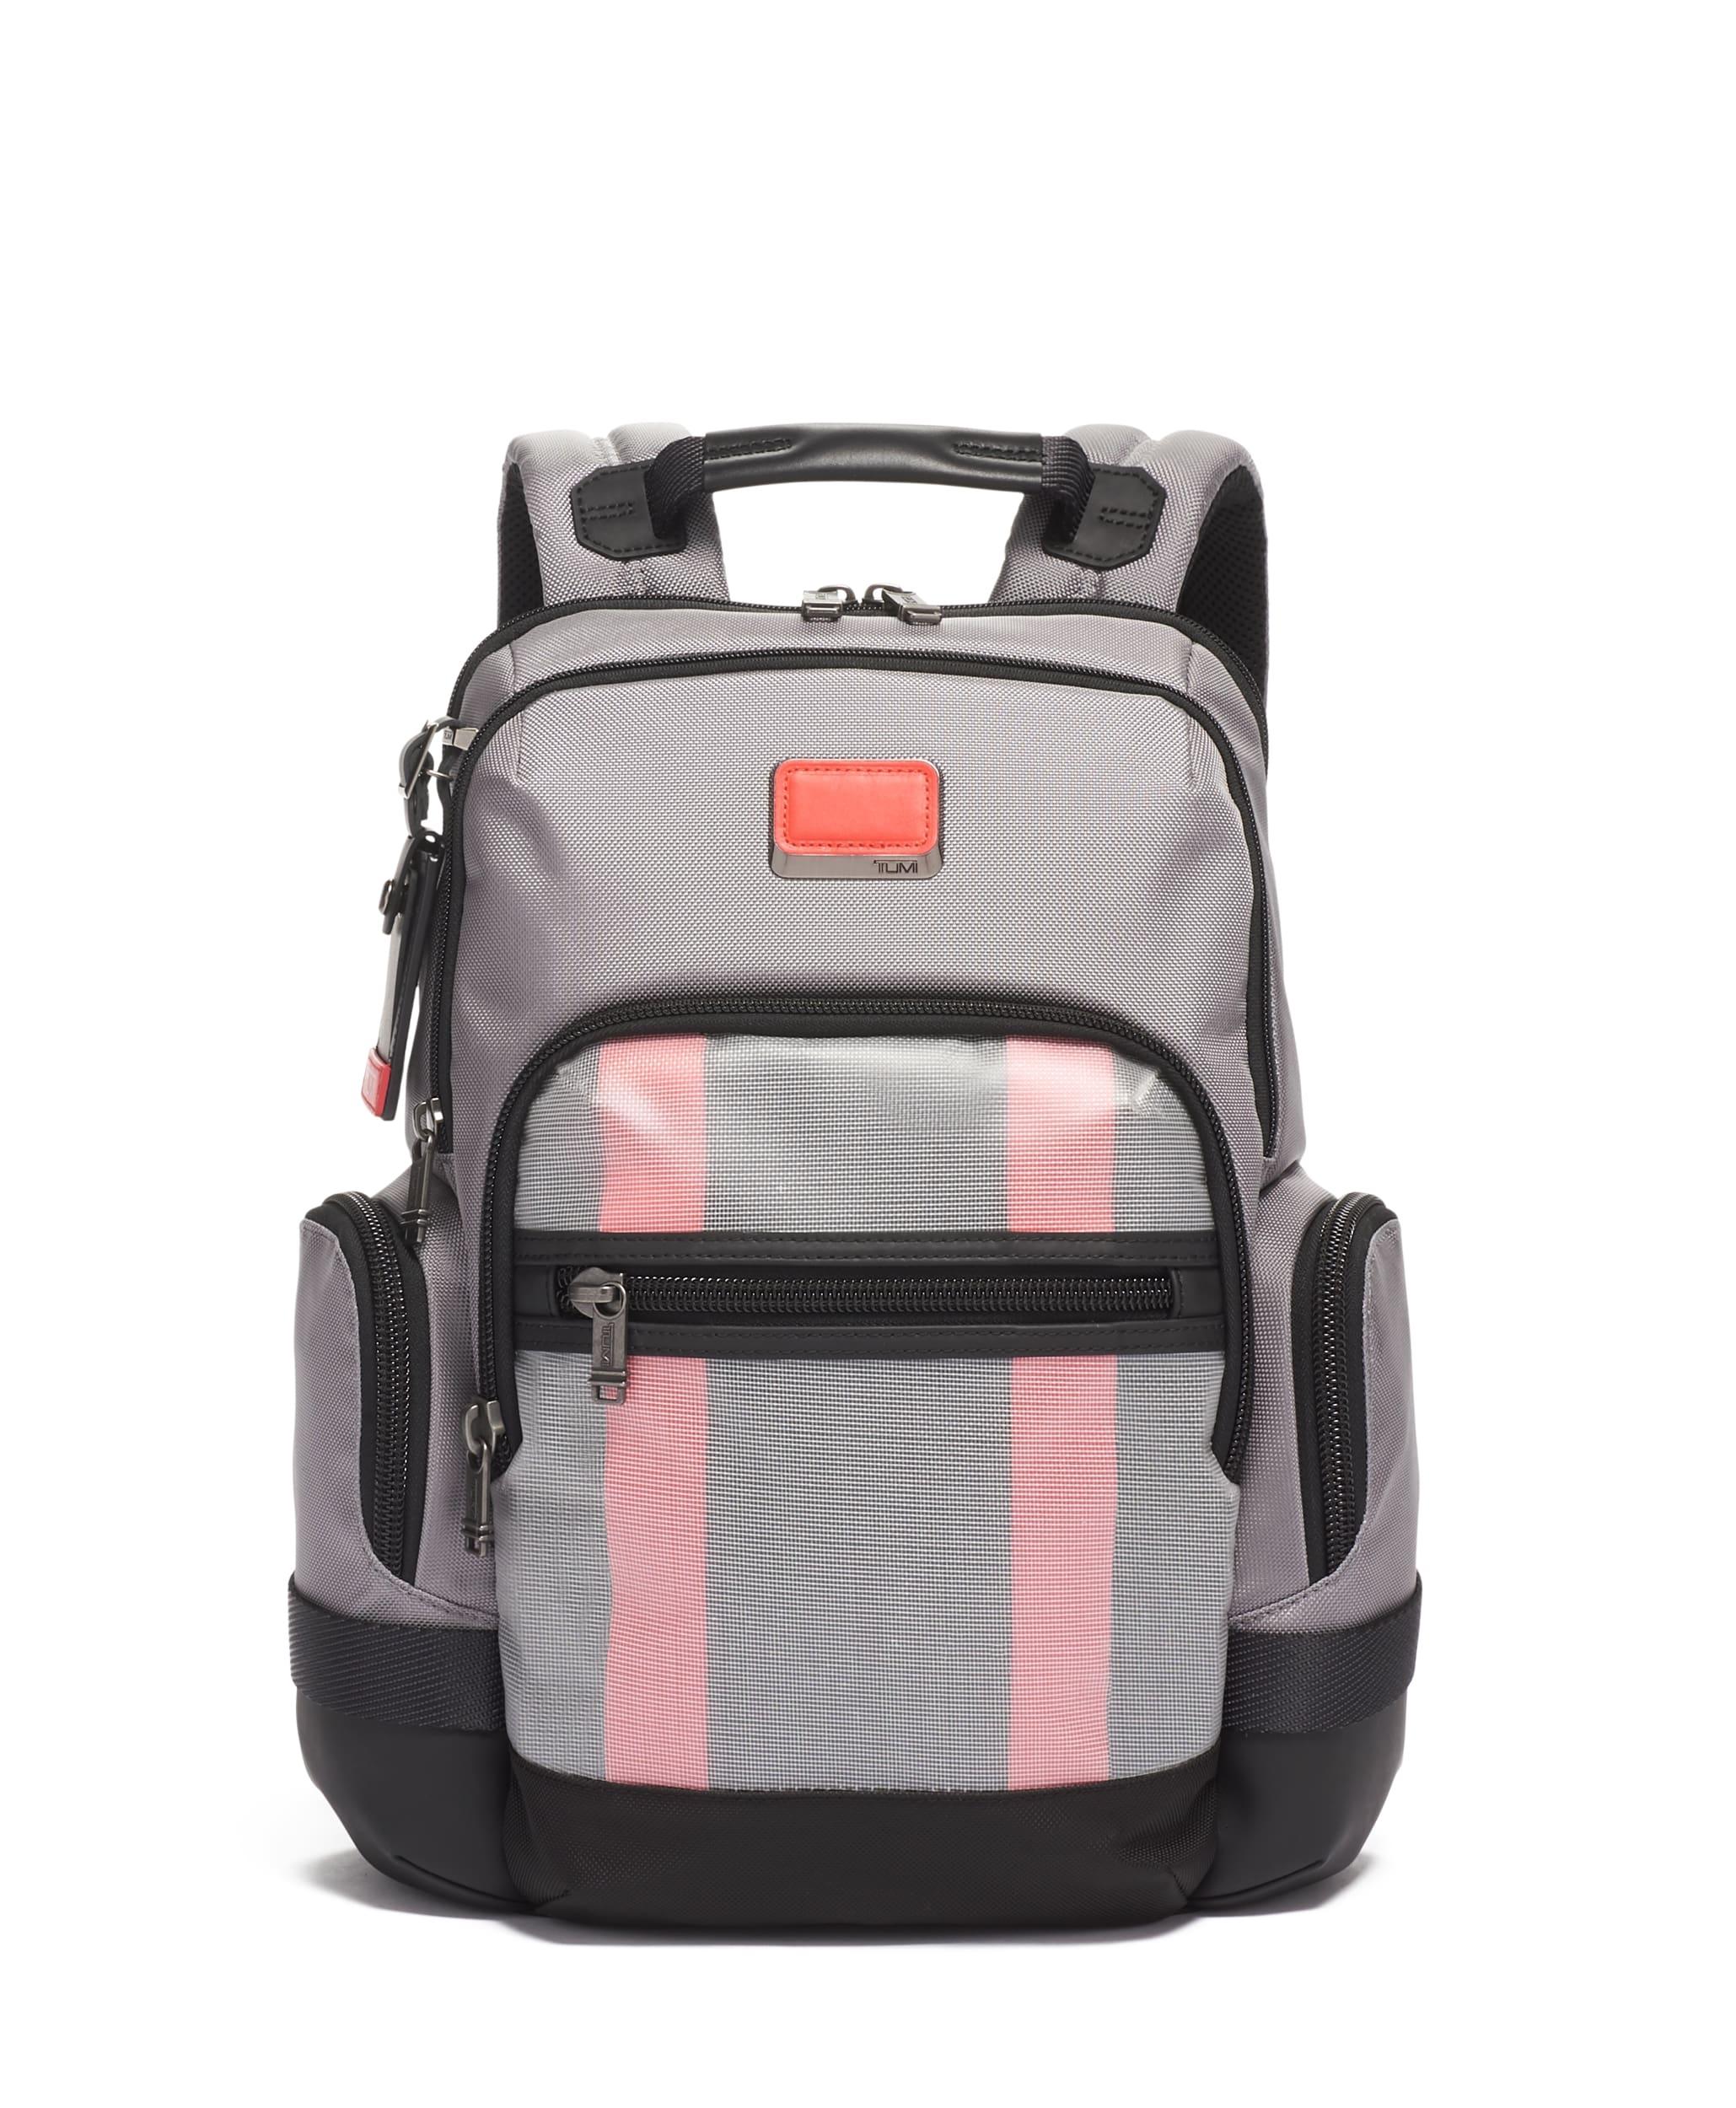 balo TUMI Alpha Bravo Norman Backpack balo màu xám đỏ rực